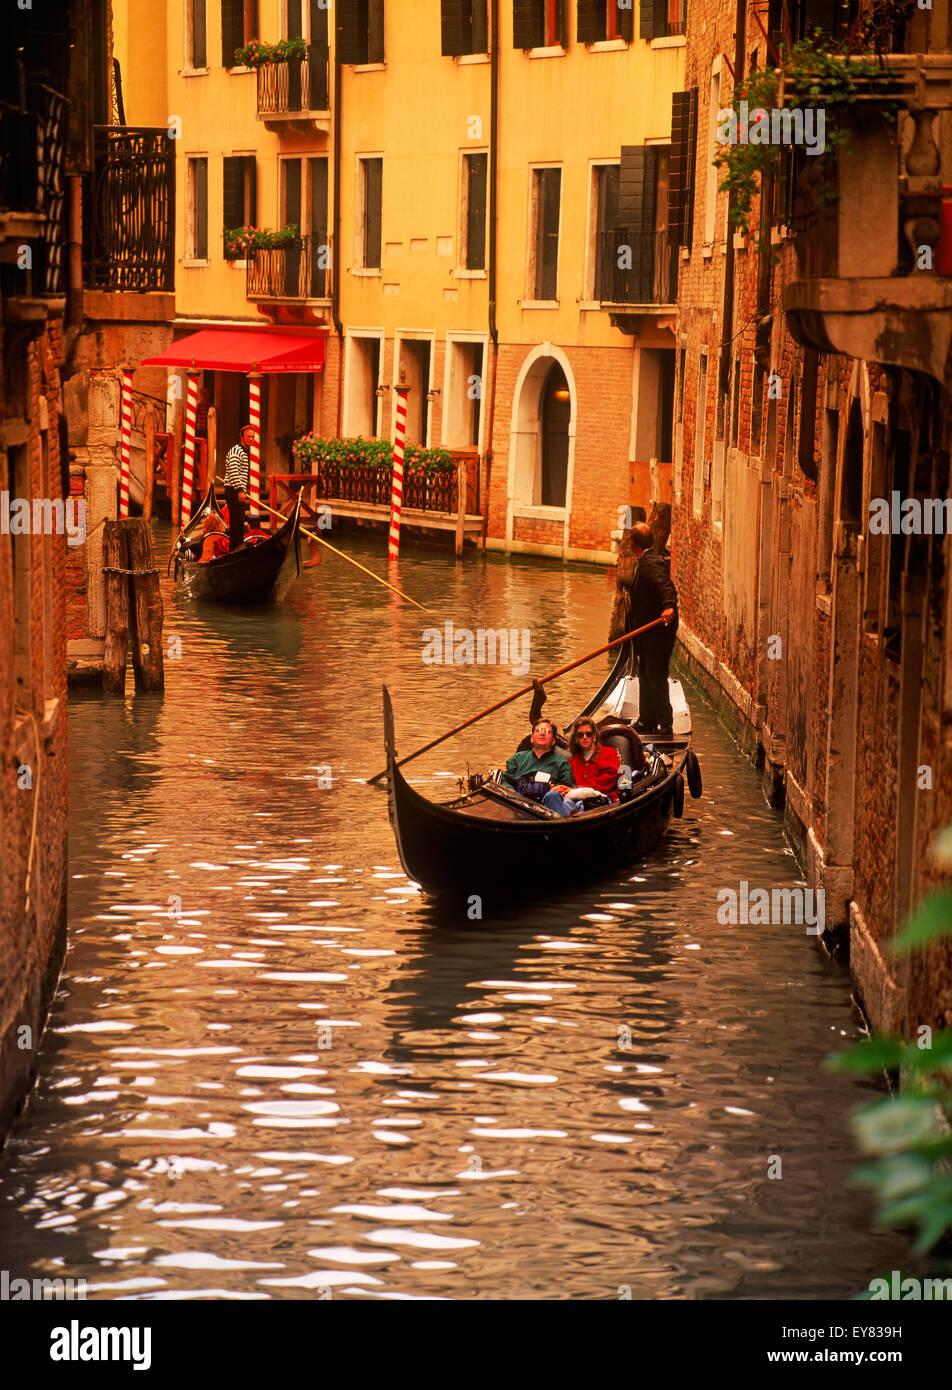 Gondole riempito con turisti di passaggio su stretti canali di Venezia Immagini Stock